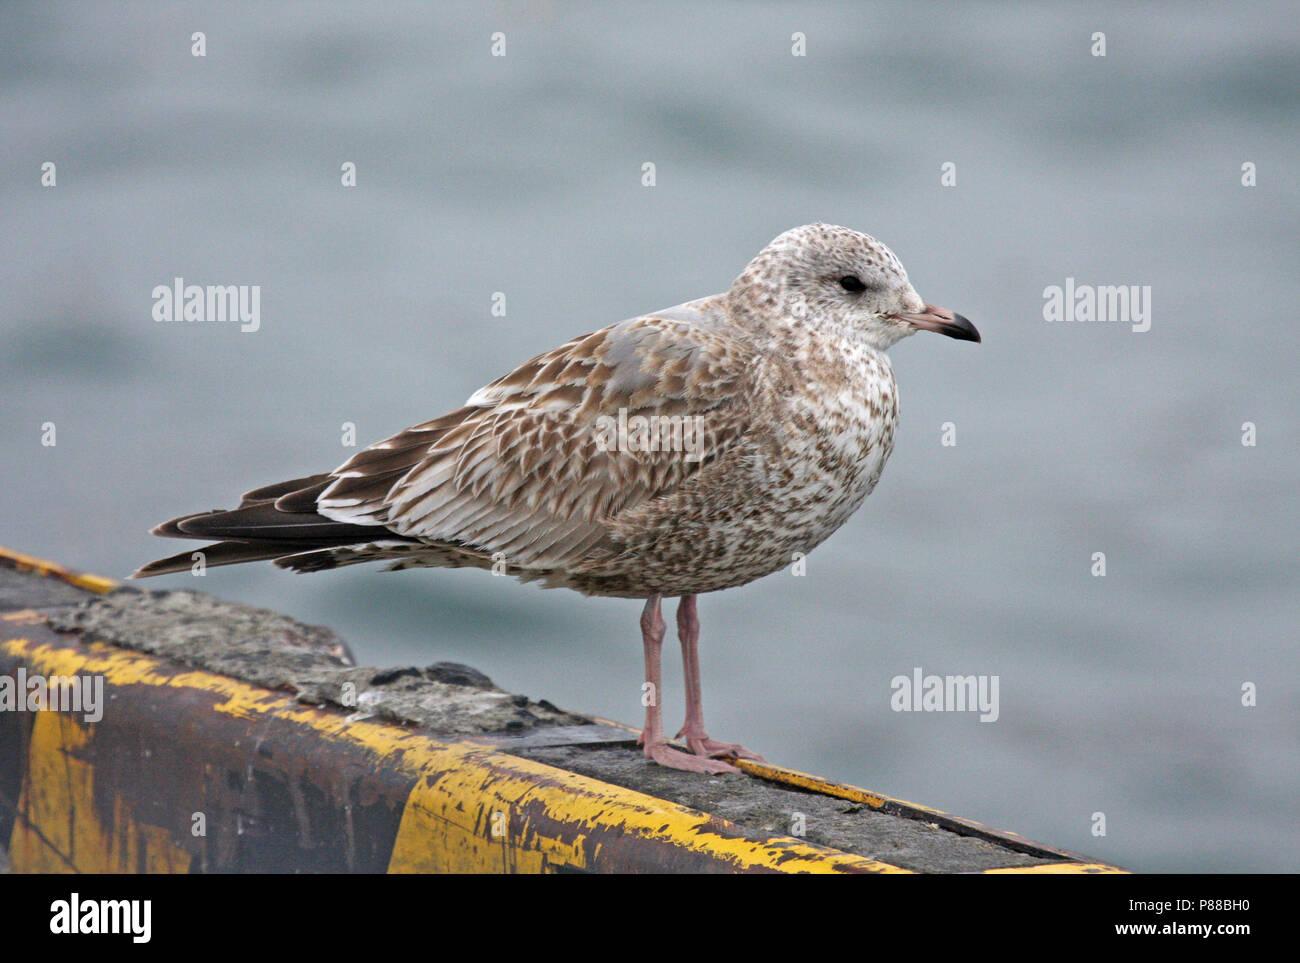 Immature Kamchatka Gull (Larus canus kamtschatschensis) wintering in Japan. - Stock Image